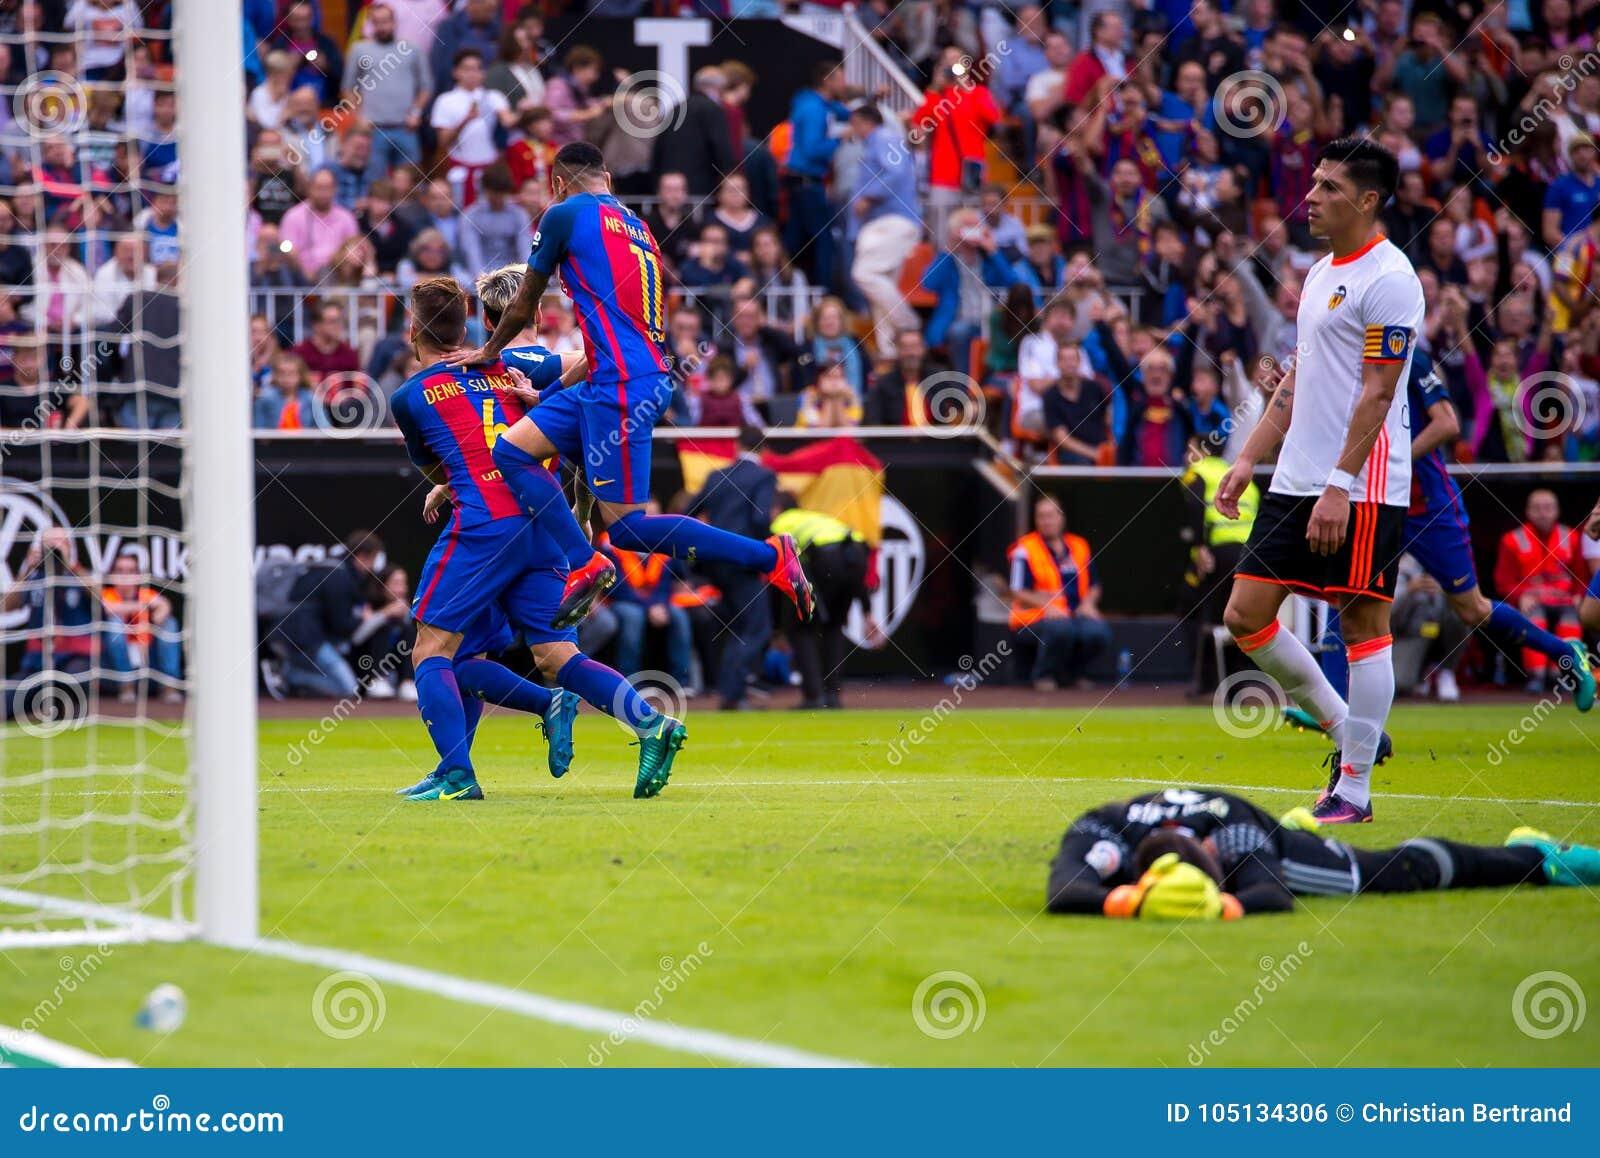 Los jugadores de Barcelona celebran una meta en el partido de Liga del La entre el Valencia CF y el FC Barcelona en Mestalla